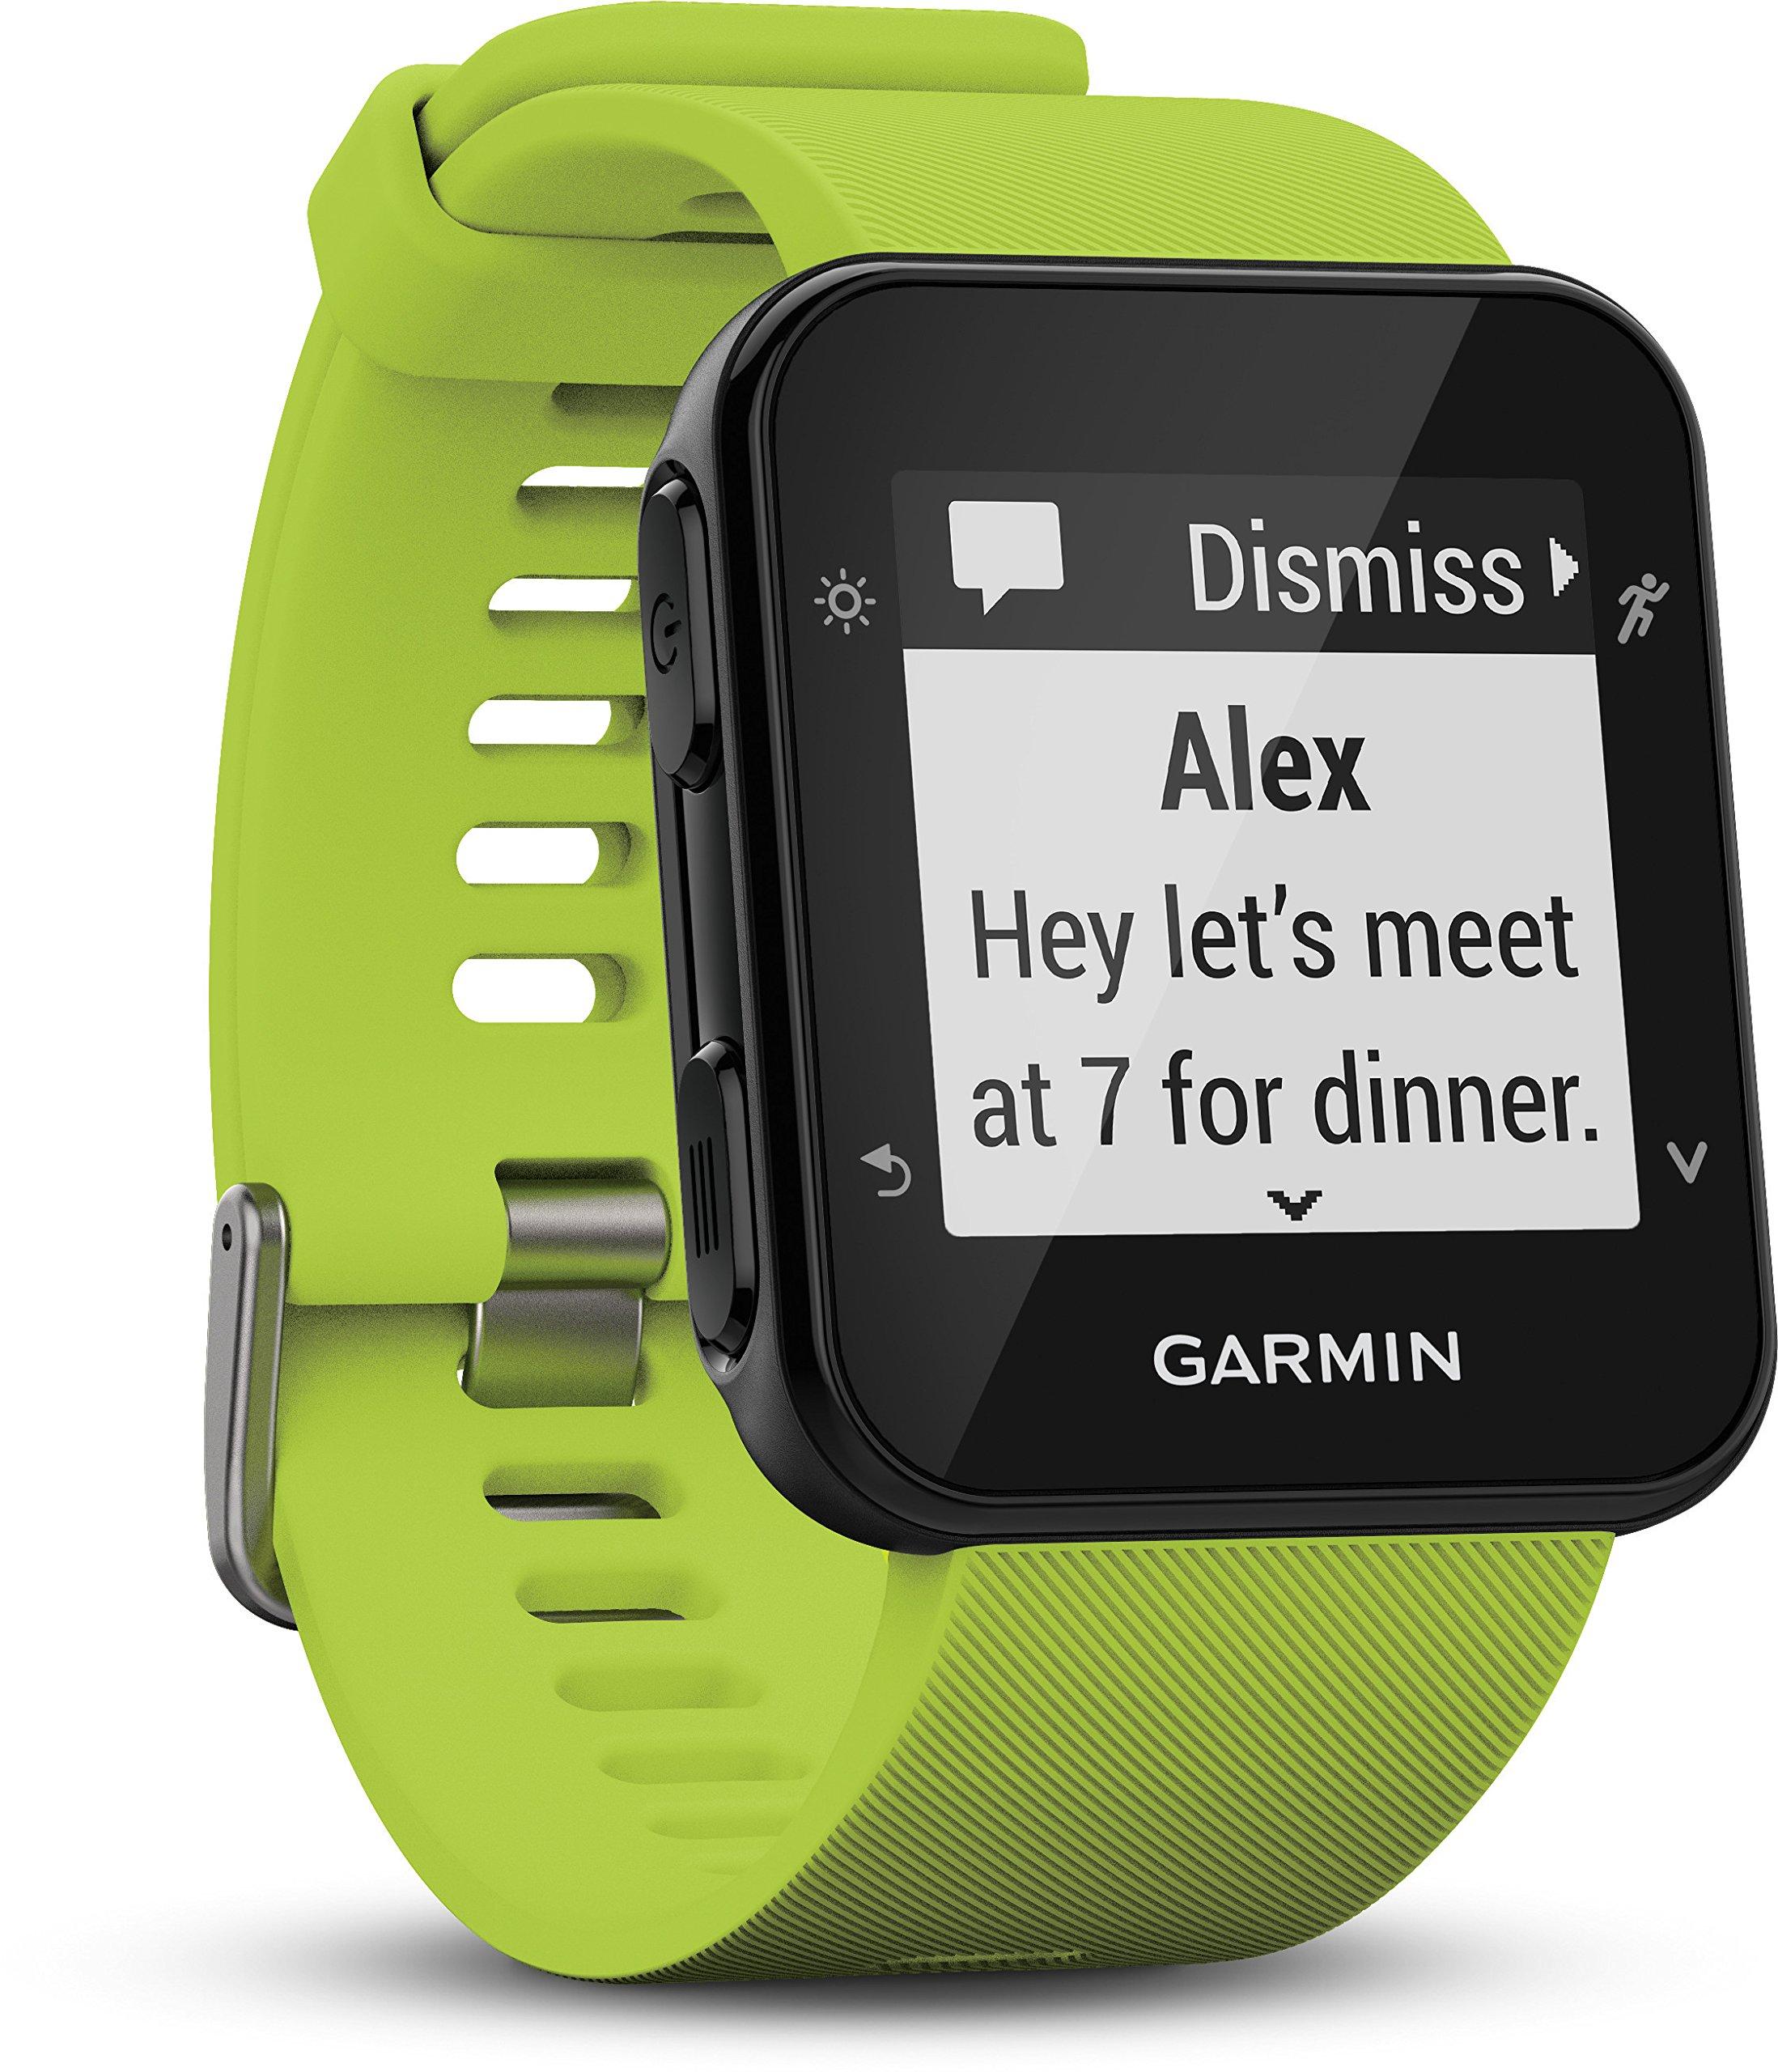 Garmin Forerunner 35 GPS Running Watch con Sensore Cardio al Polso, Connettività Smart e Monitoraggio Attività… 4 spesavip